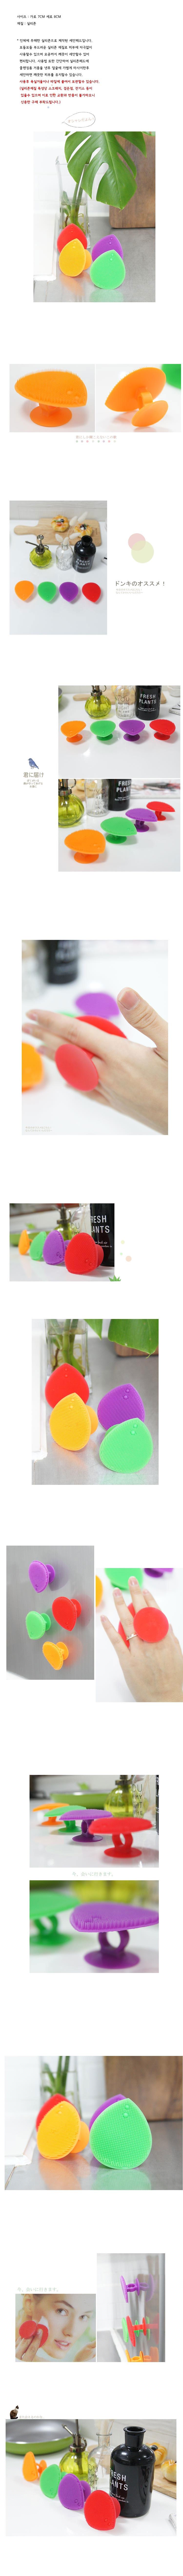 레스티나 실리콘 세안 브러쉬 (4color)annahouse - 안나하우스, 4,600원, 클렌징, 클렌징도구/소품